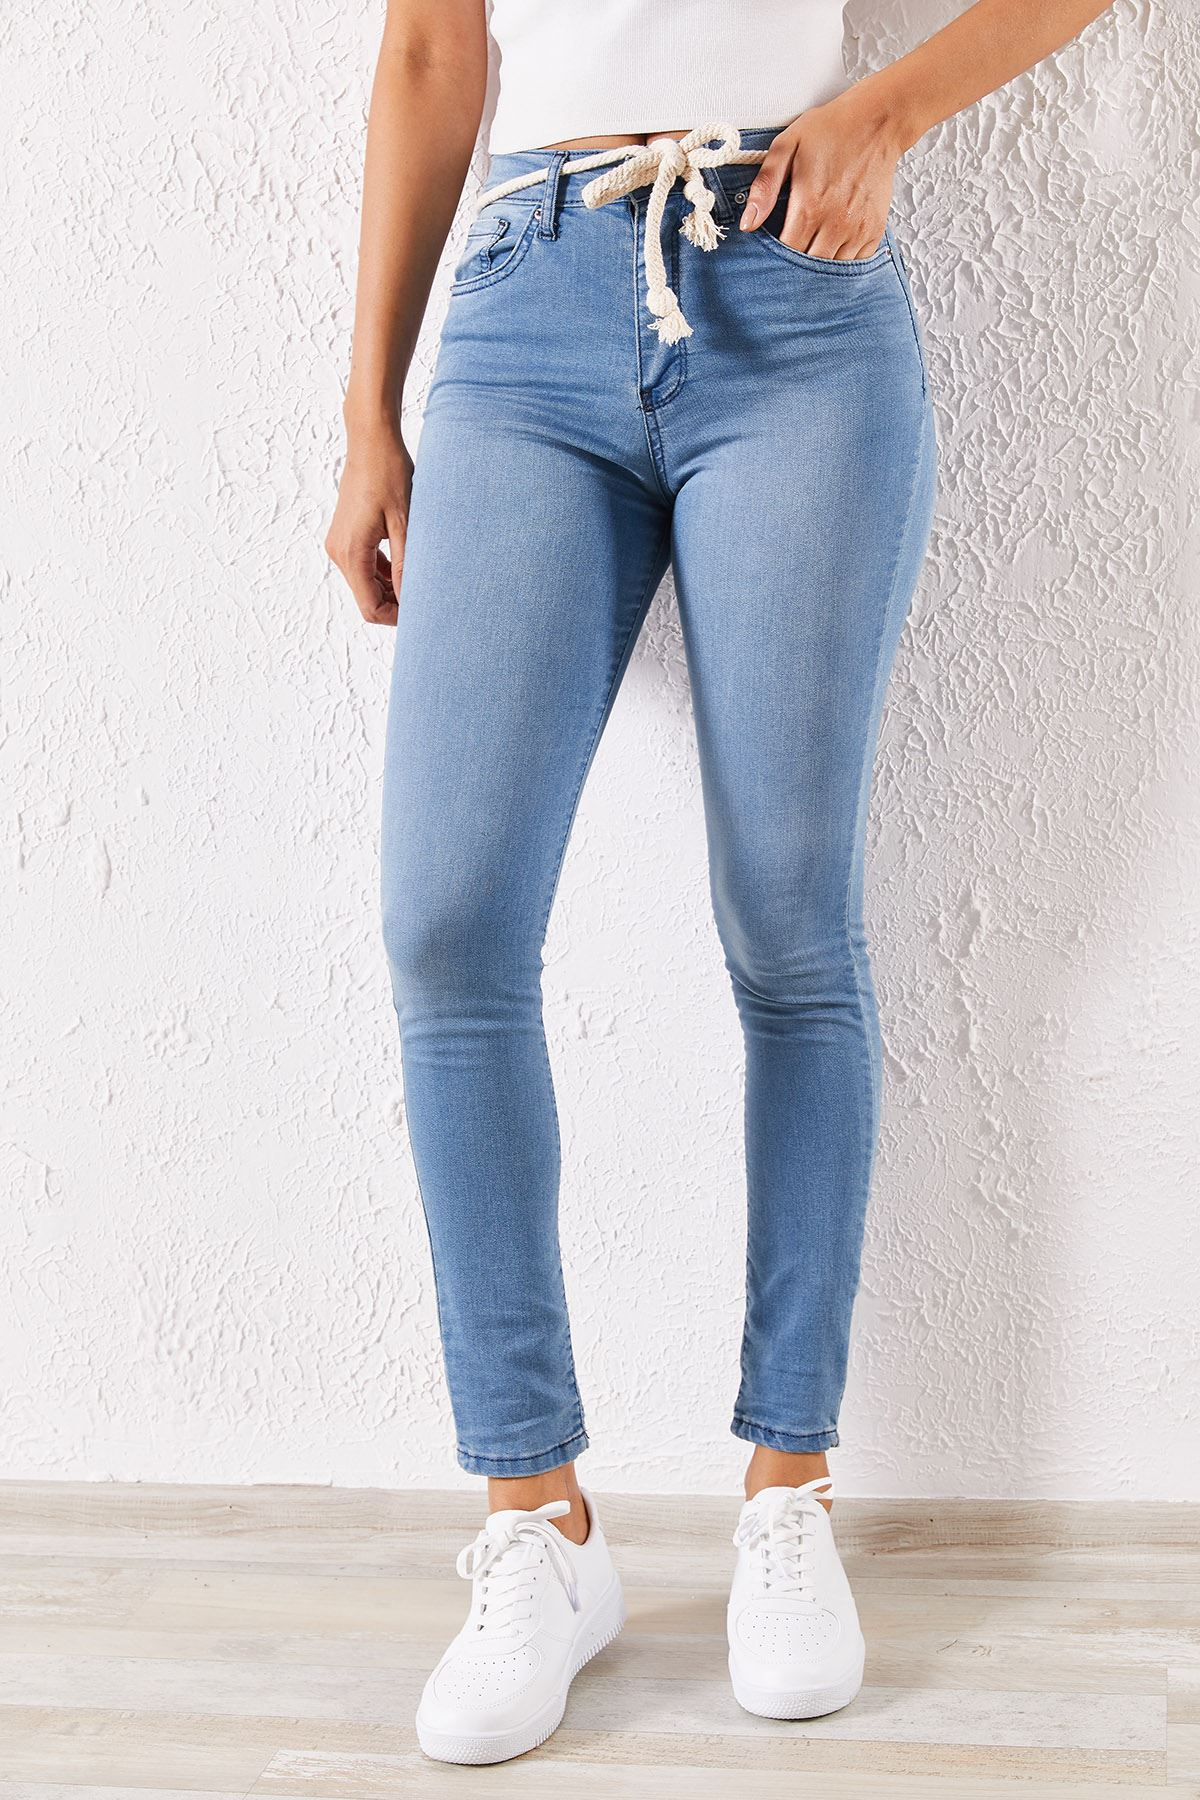 Kadın Likralı İp Bağcıklı Açık Mavi Kot Pantolon